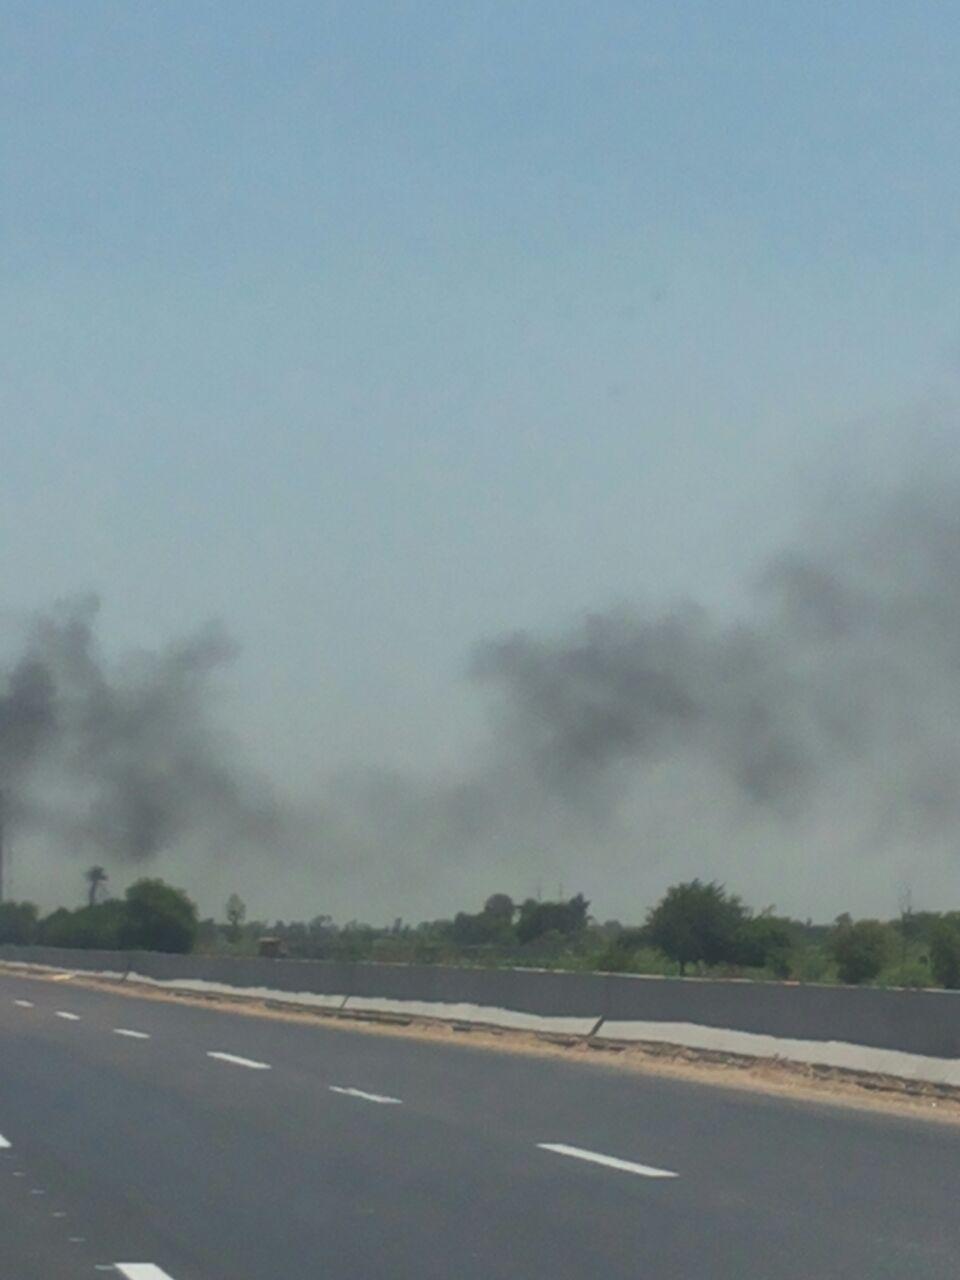 أهالي منطقة أبيس بالإسكندرية يشتكون من حرق المخلفات الزراعية على الطريق الدولي